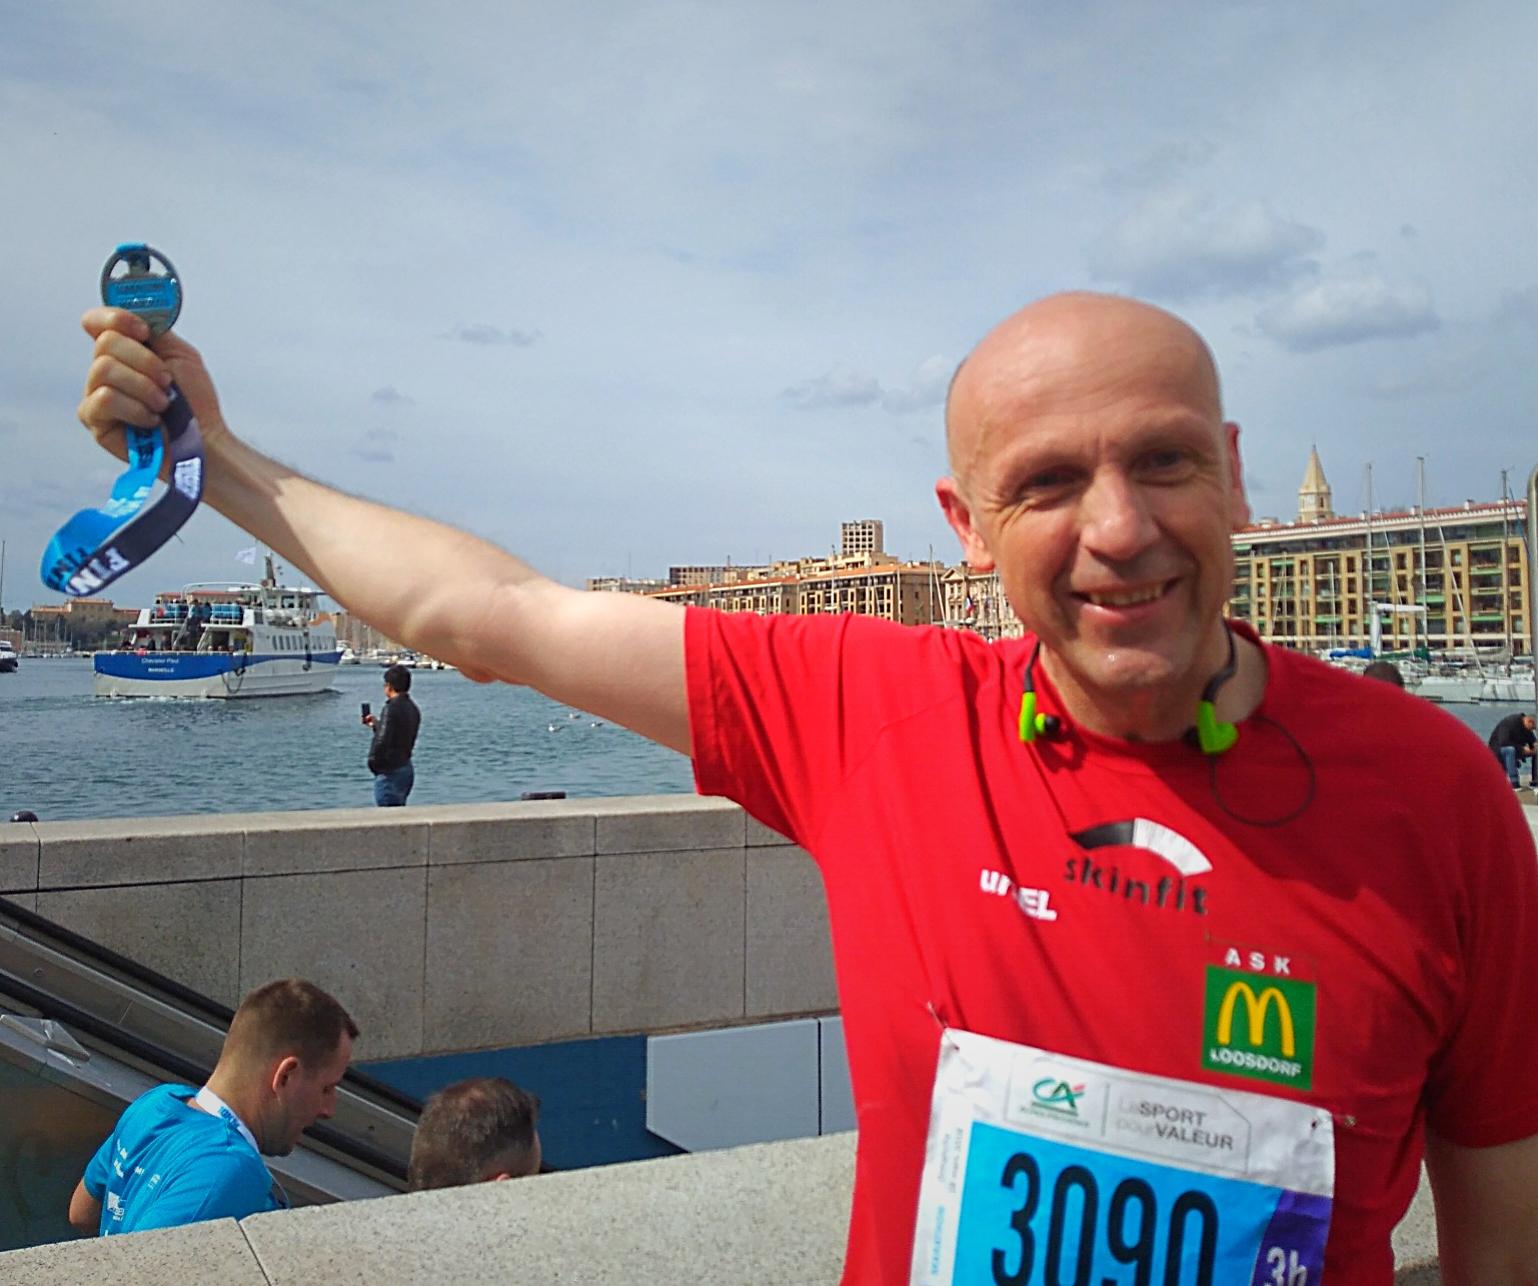 Finisher Medaille: Wolfgang wieder unter 4 Stunden. Gratulation!